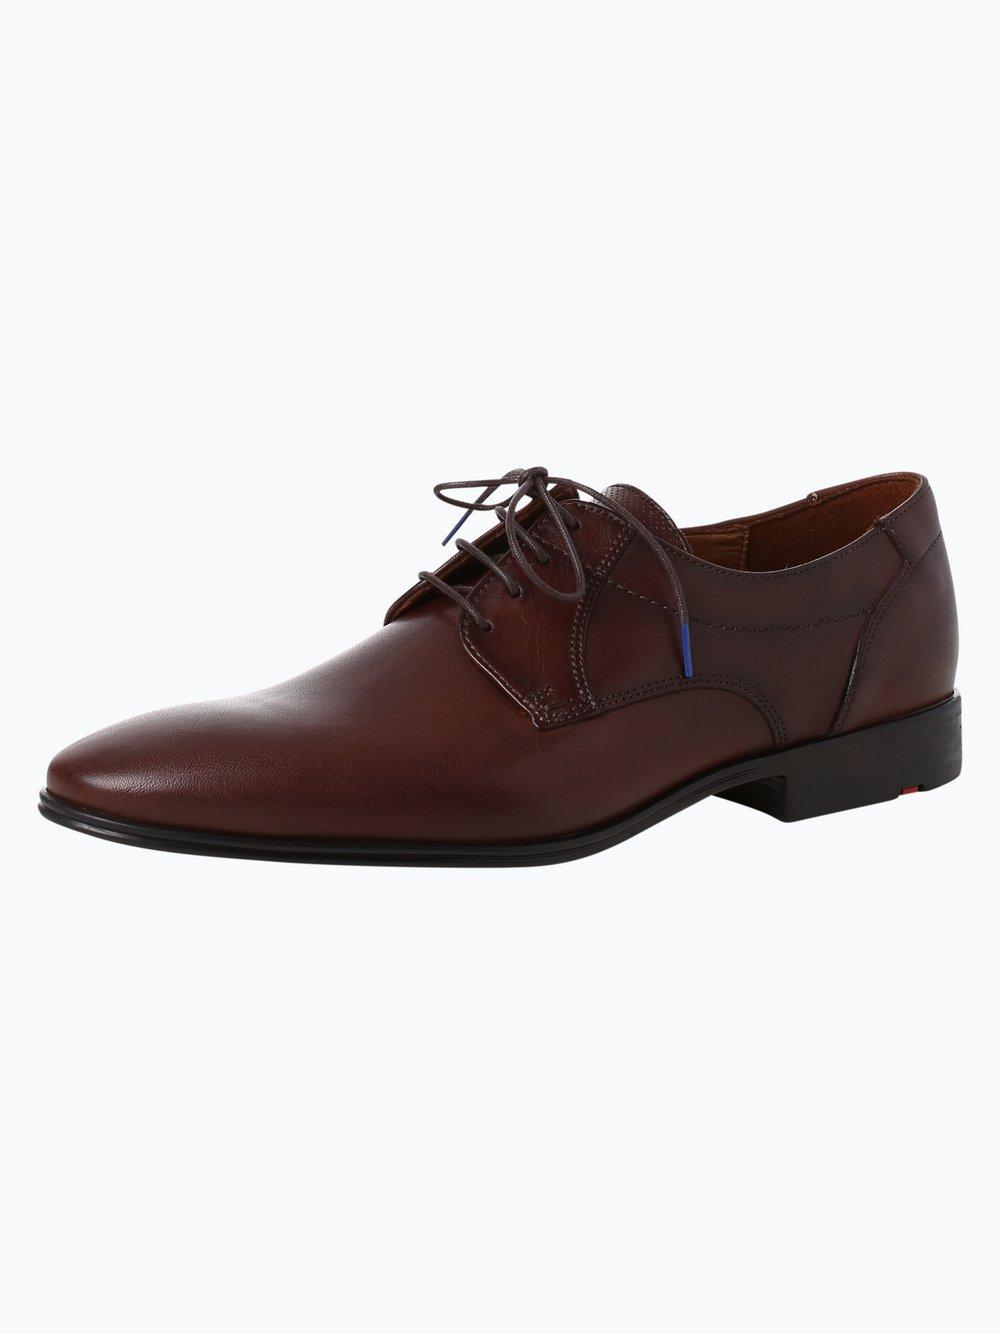 Lloyd – Męskie buty sznurowane ze skóry – Osmond, brązowy Van Graaf 375561-0003-00075